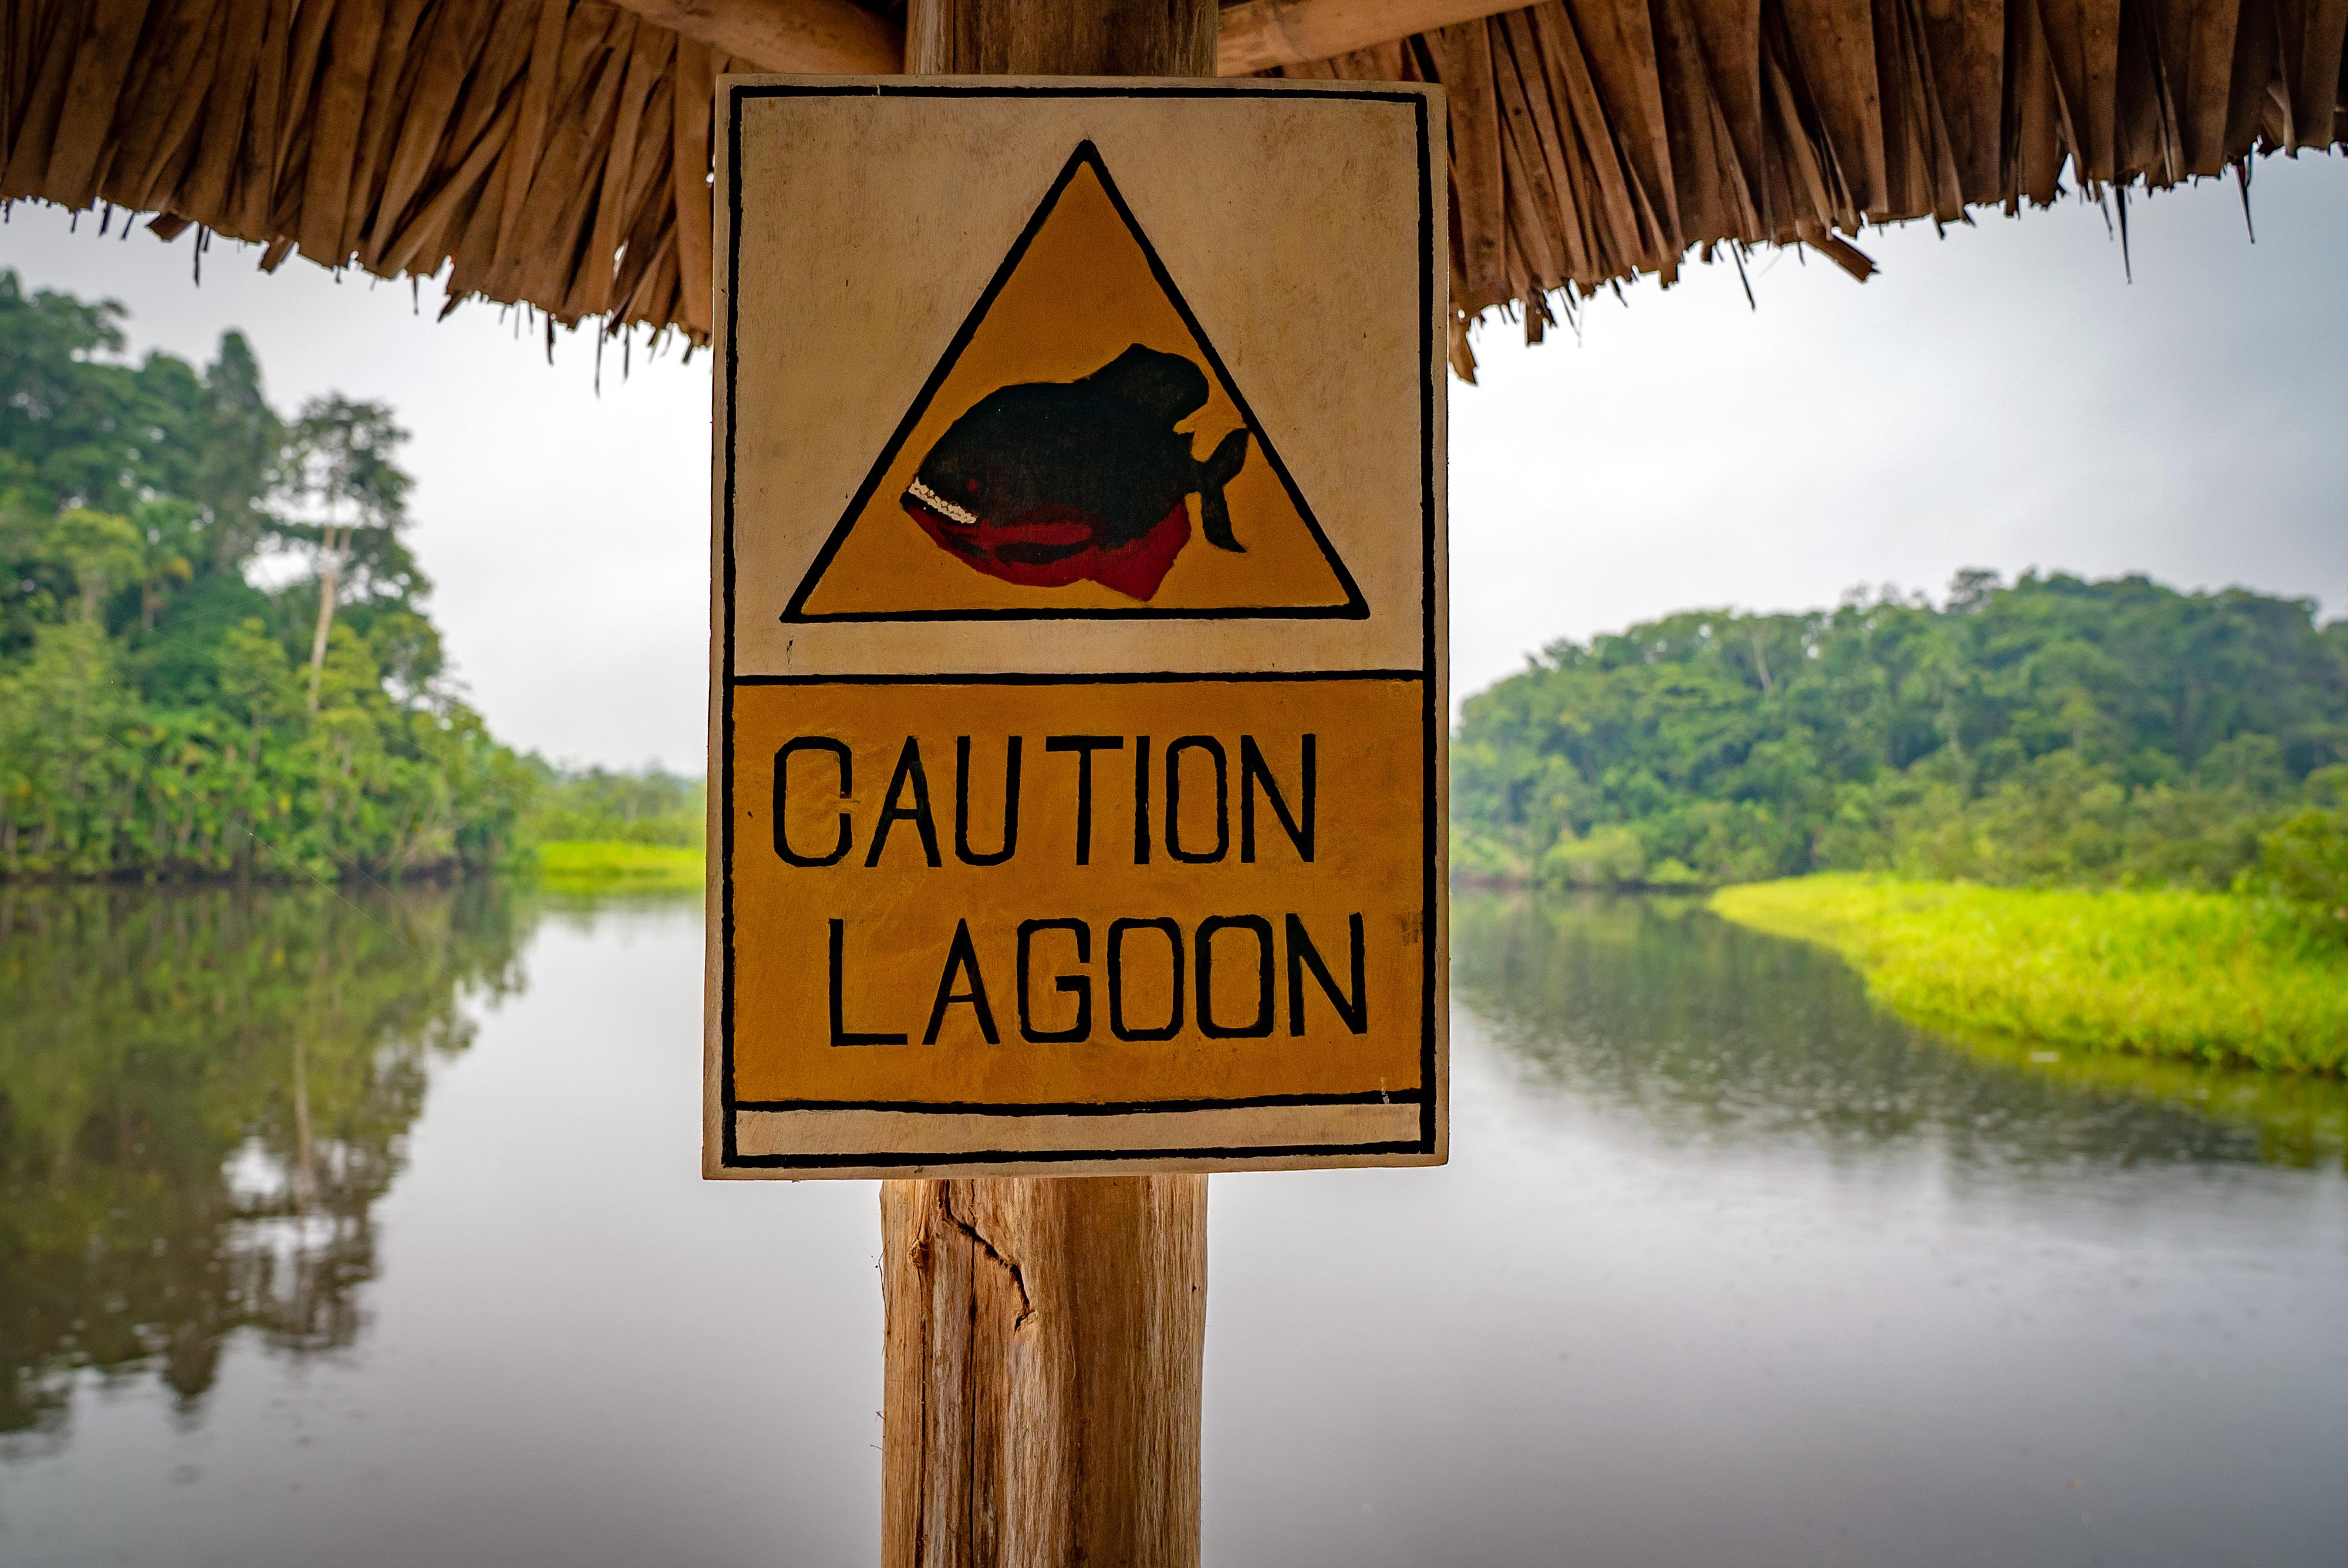 Caution Lagoon